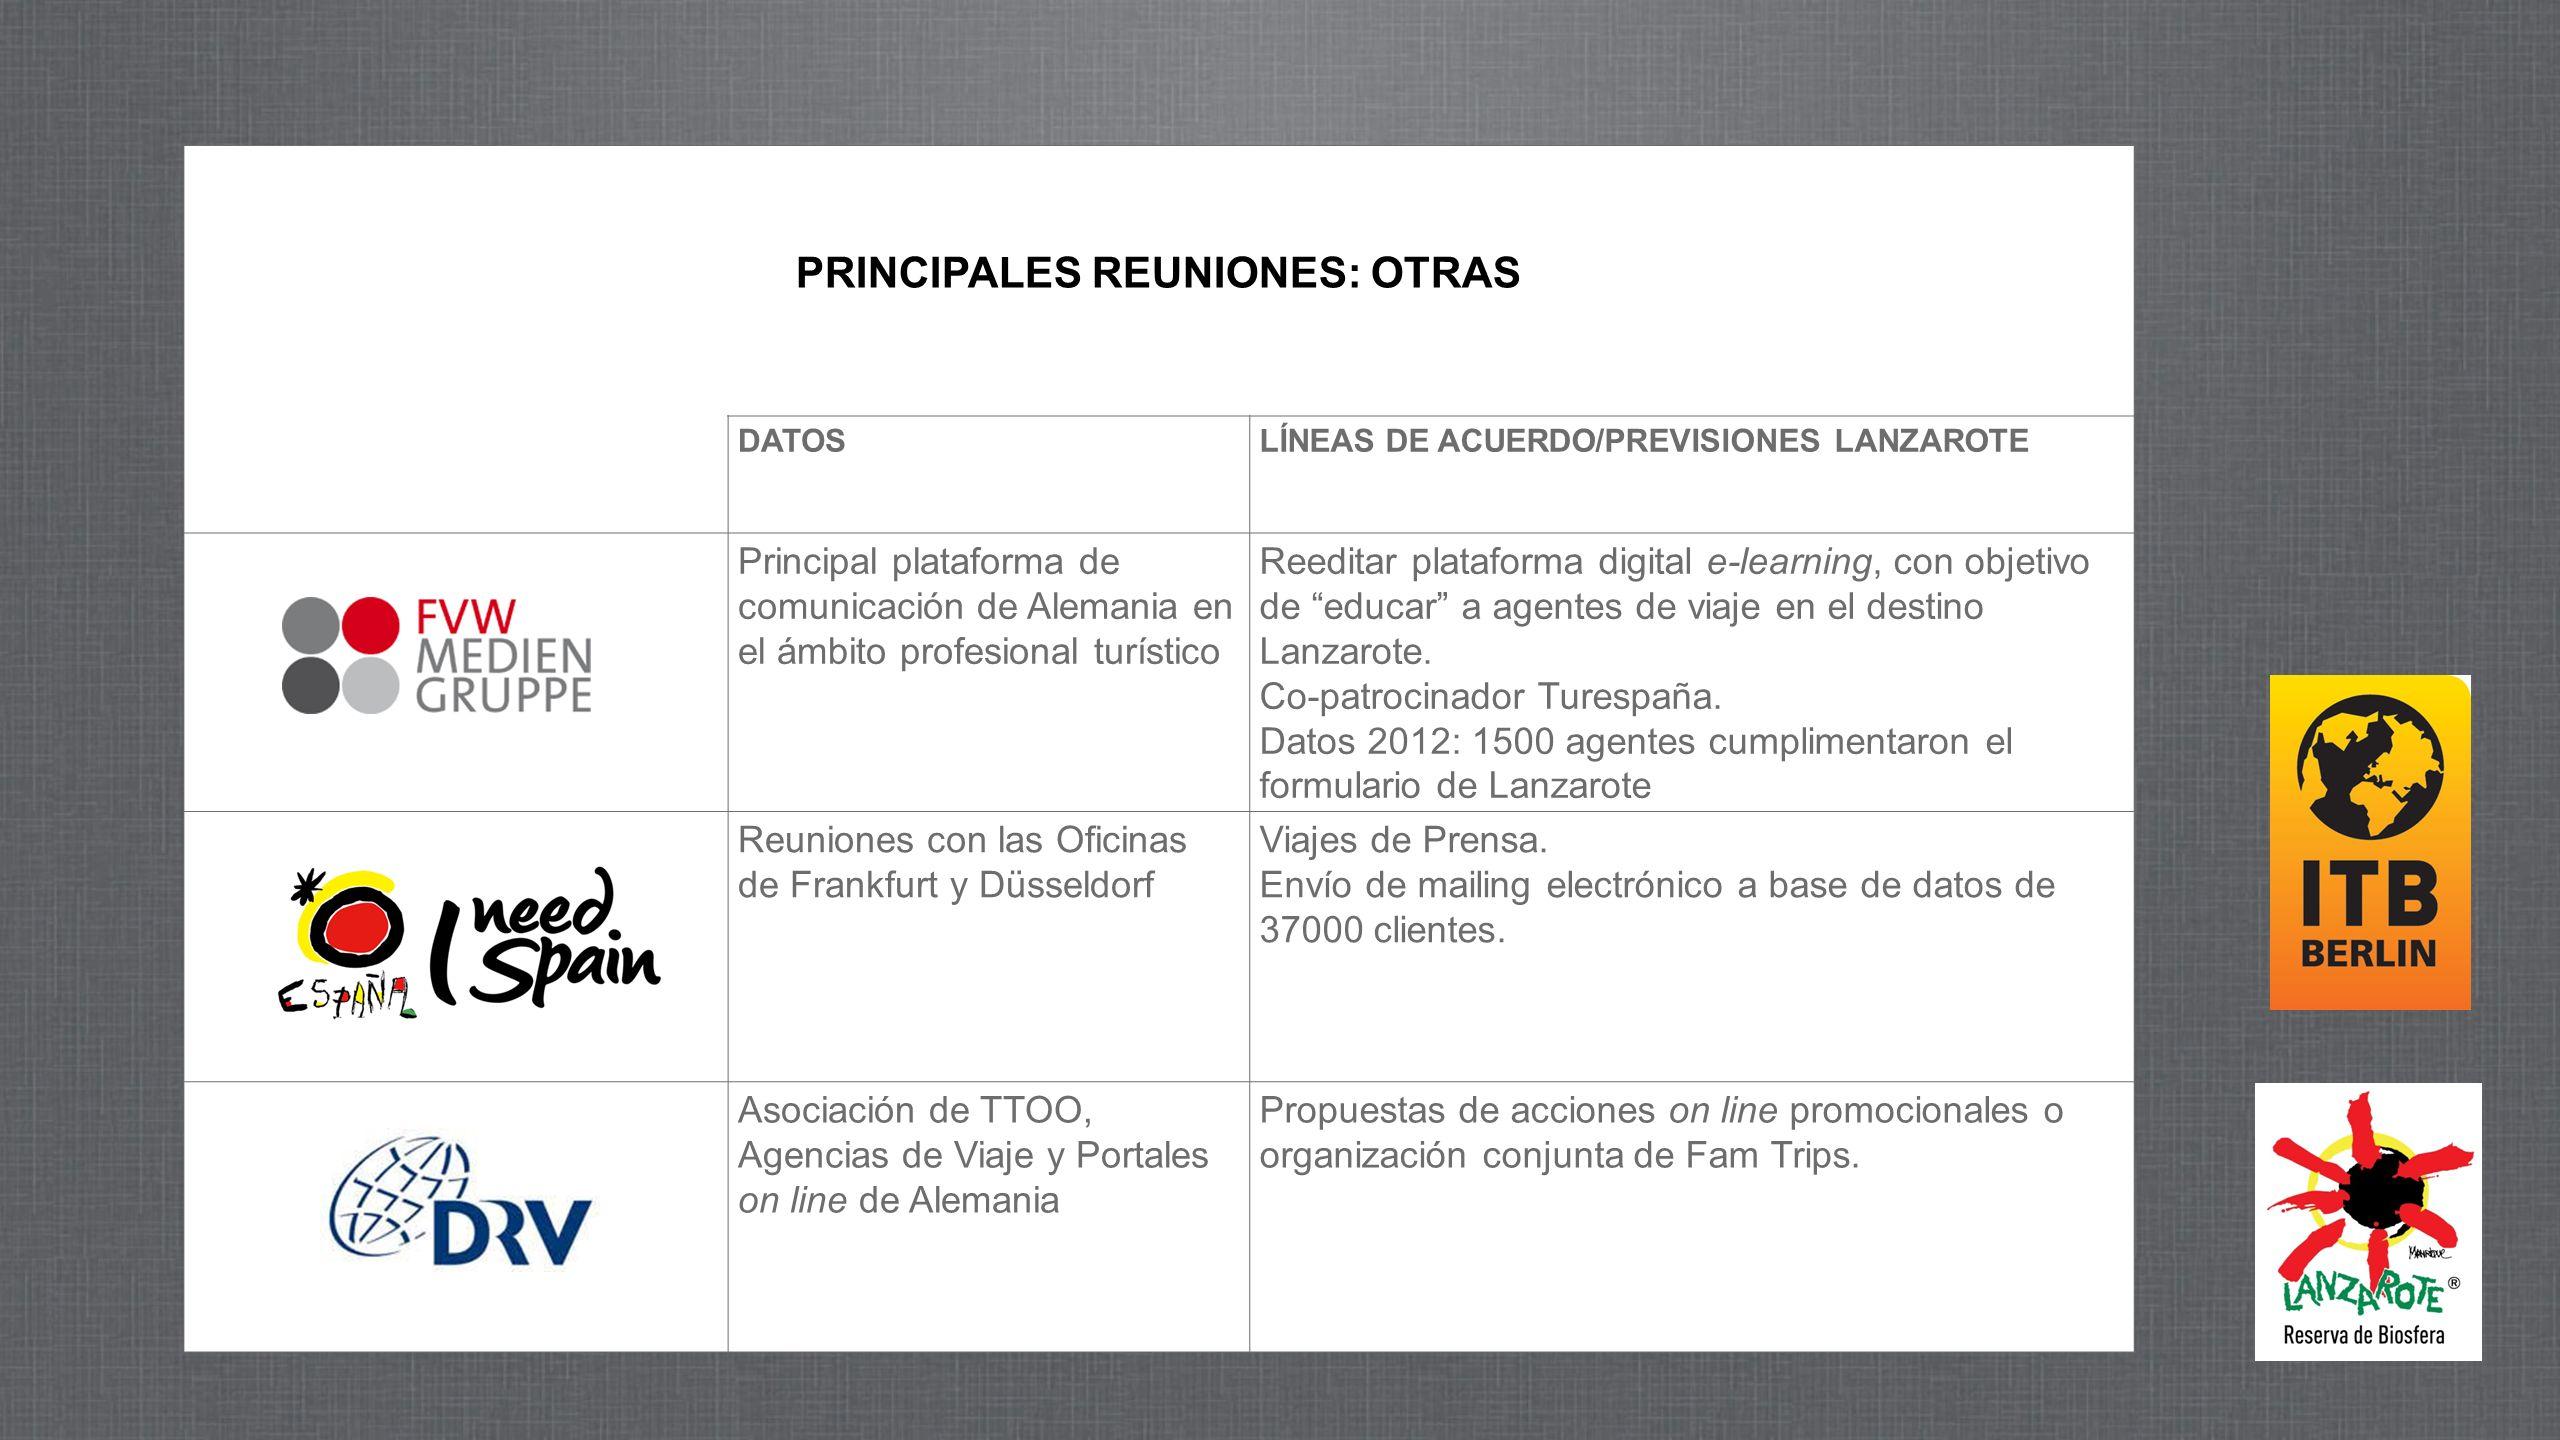 PRINCIPALES REUNIONES: OTRAS